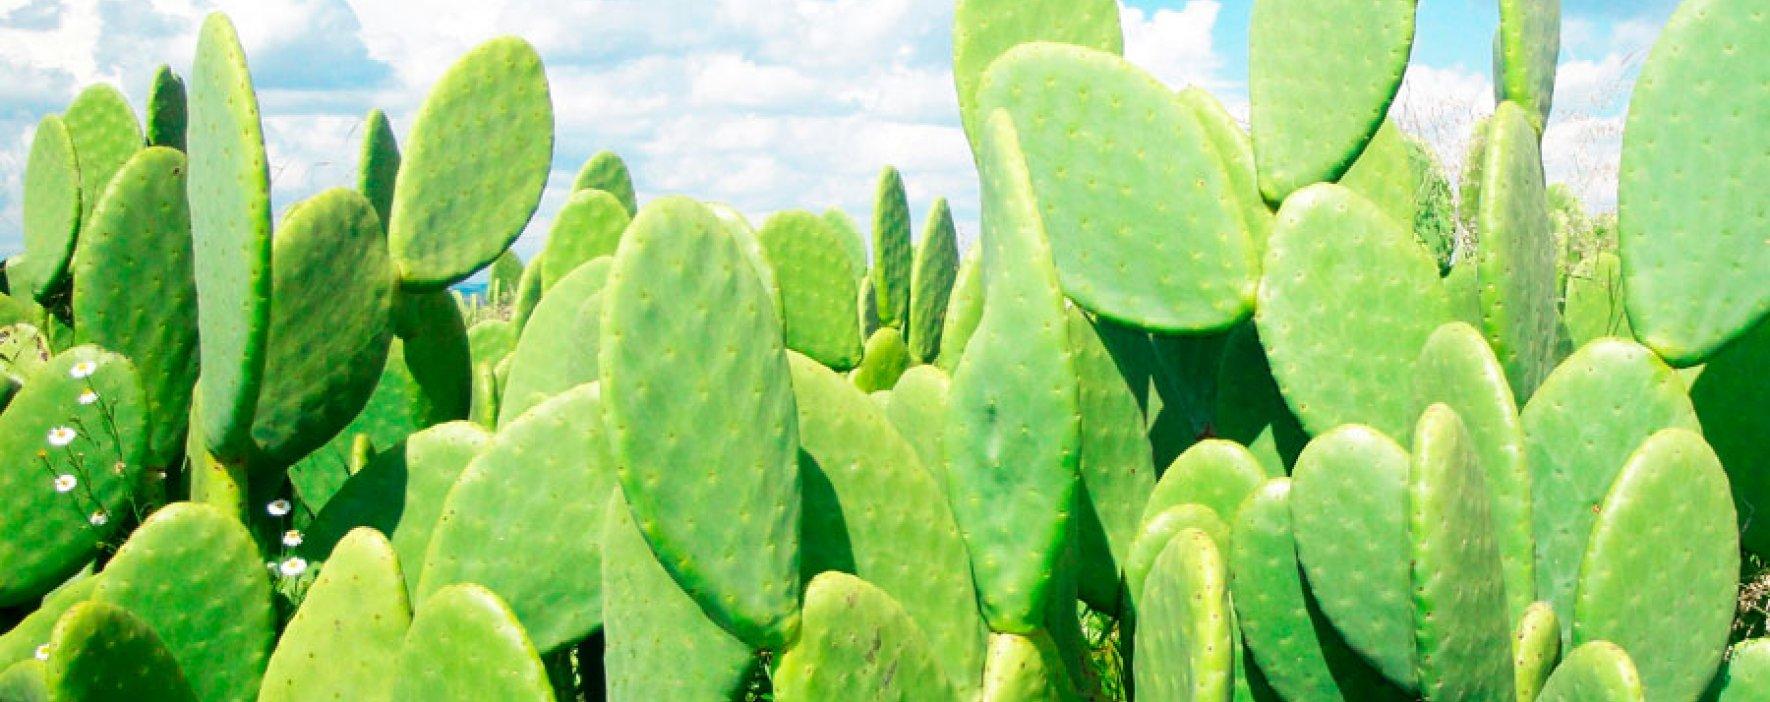 Conozca el cactus generador de energía